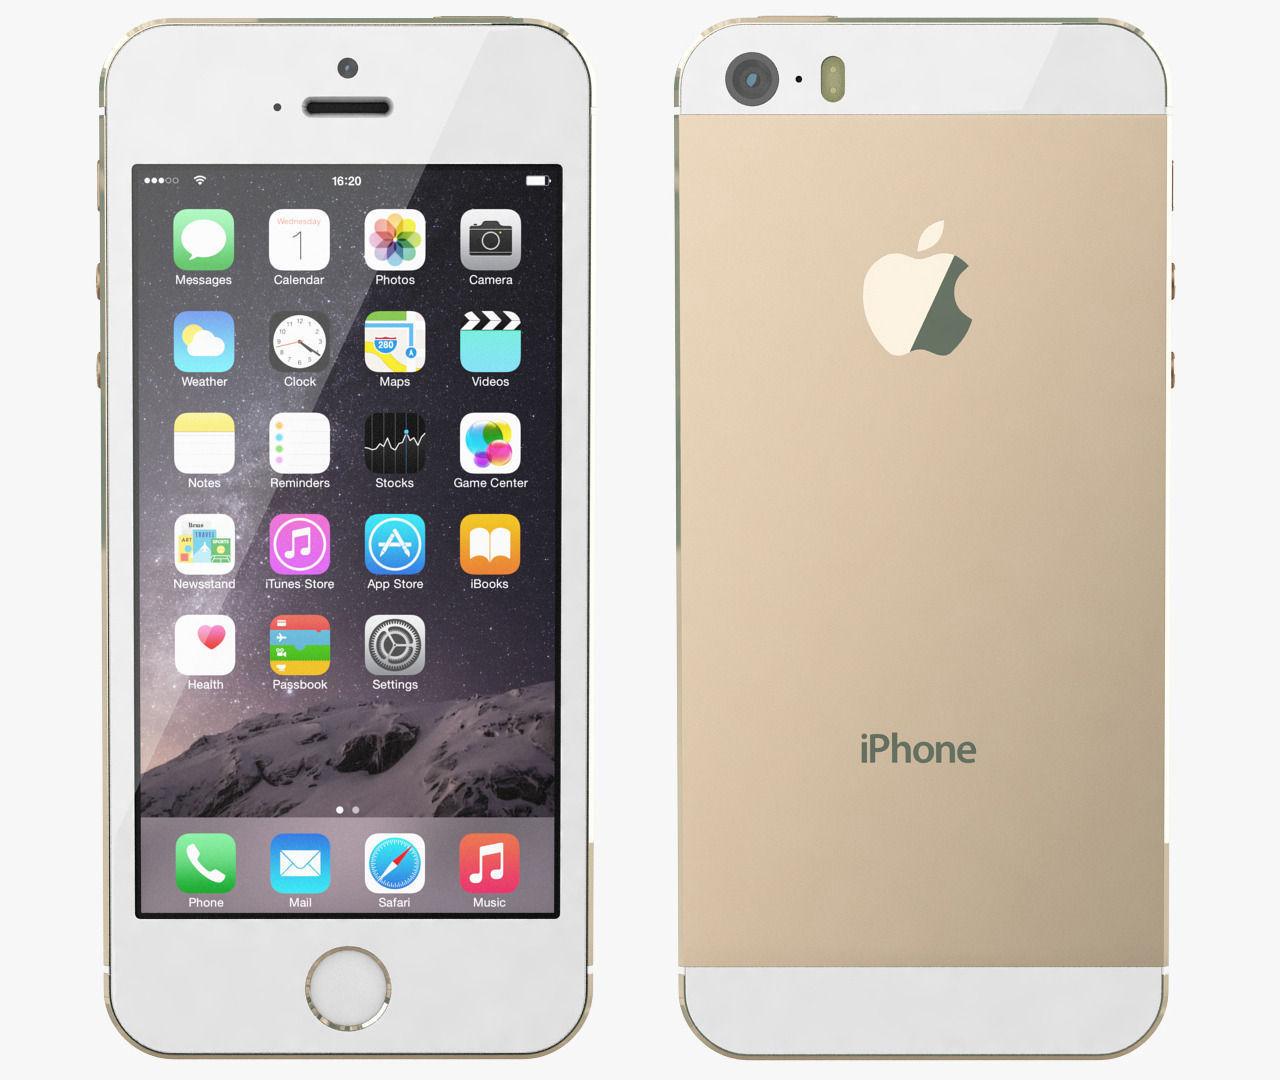 apple iphone 5s all color 3d model max obj. Black Bedroom Furniture Sets. Home Design Ideas